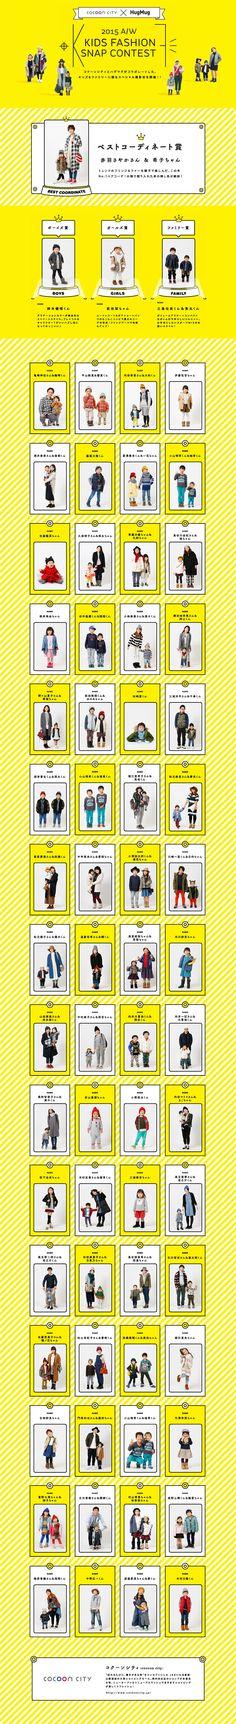 A-W KIDS FASHION SNAP CONTEST【ファッション関連】のLPデザイン。WEBデザイナーさん必見!ランディングページのデザイン参考に(かわいい系)